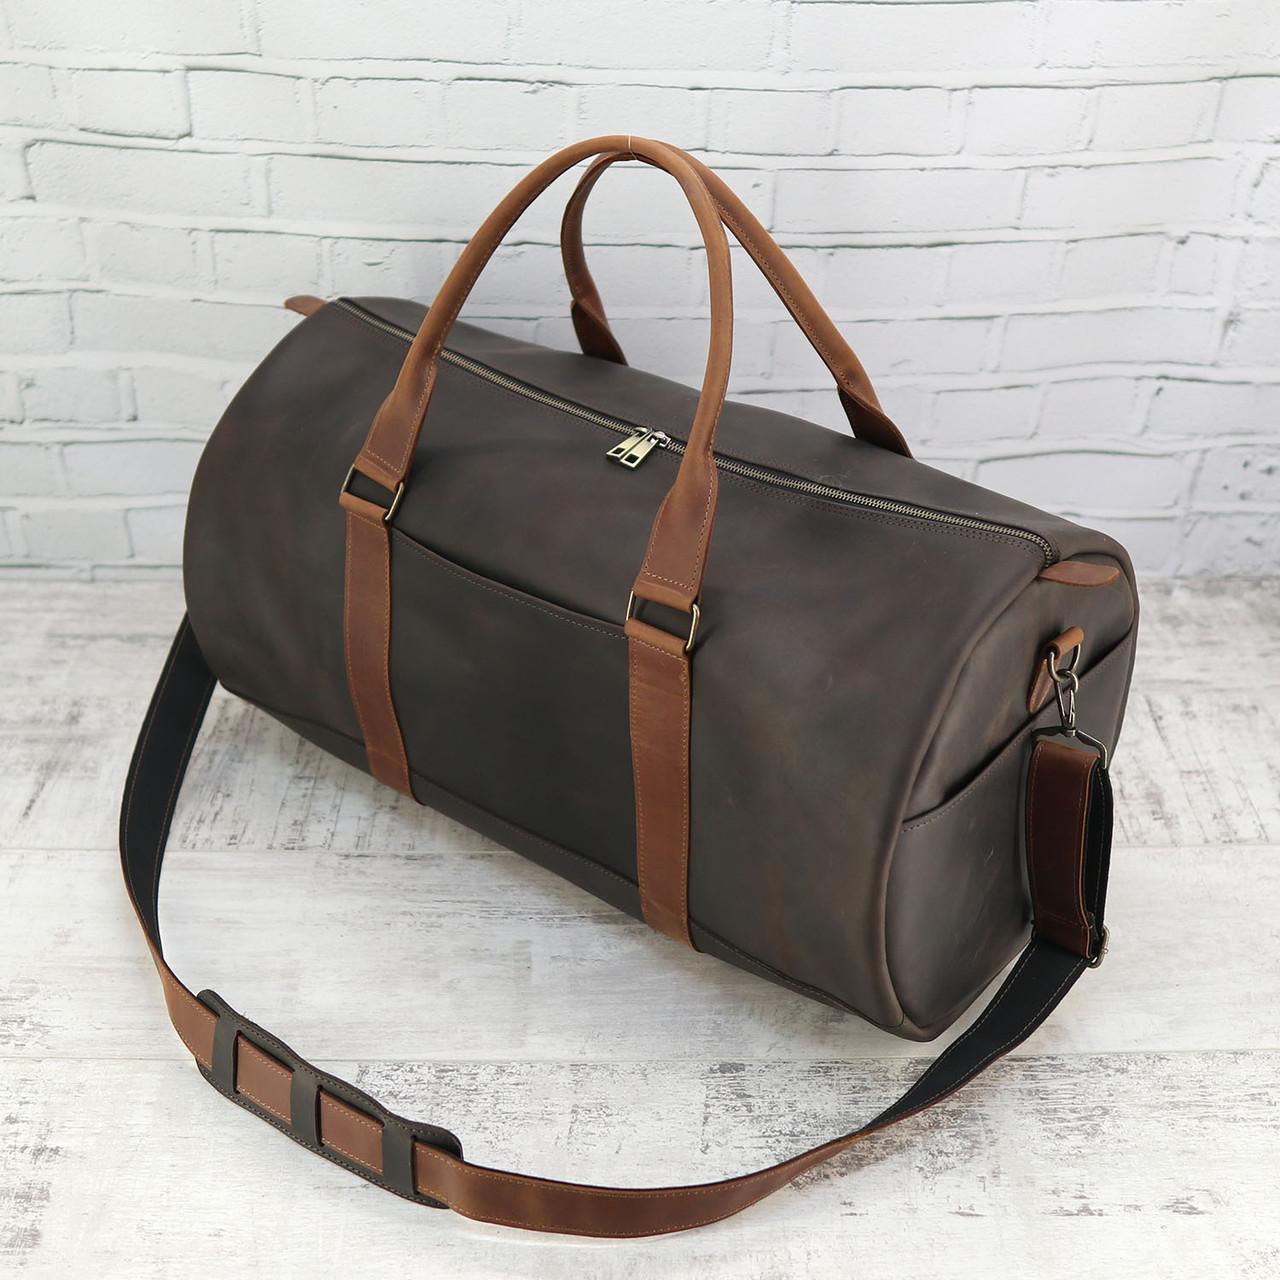 Дорожная сумка Mihey tube коричневая из натуральной кожи crazy horse 1460401